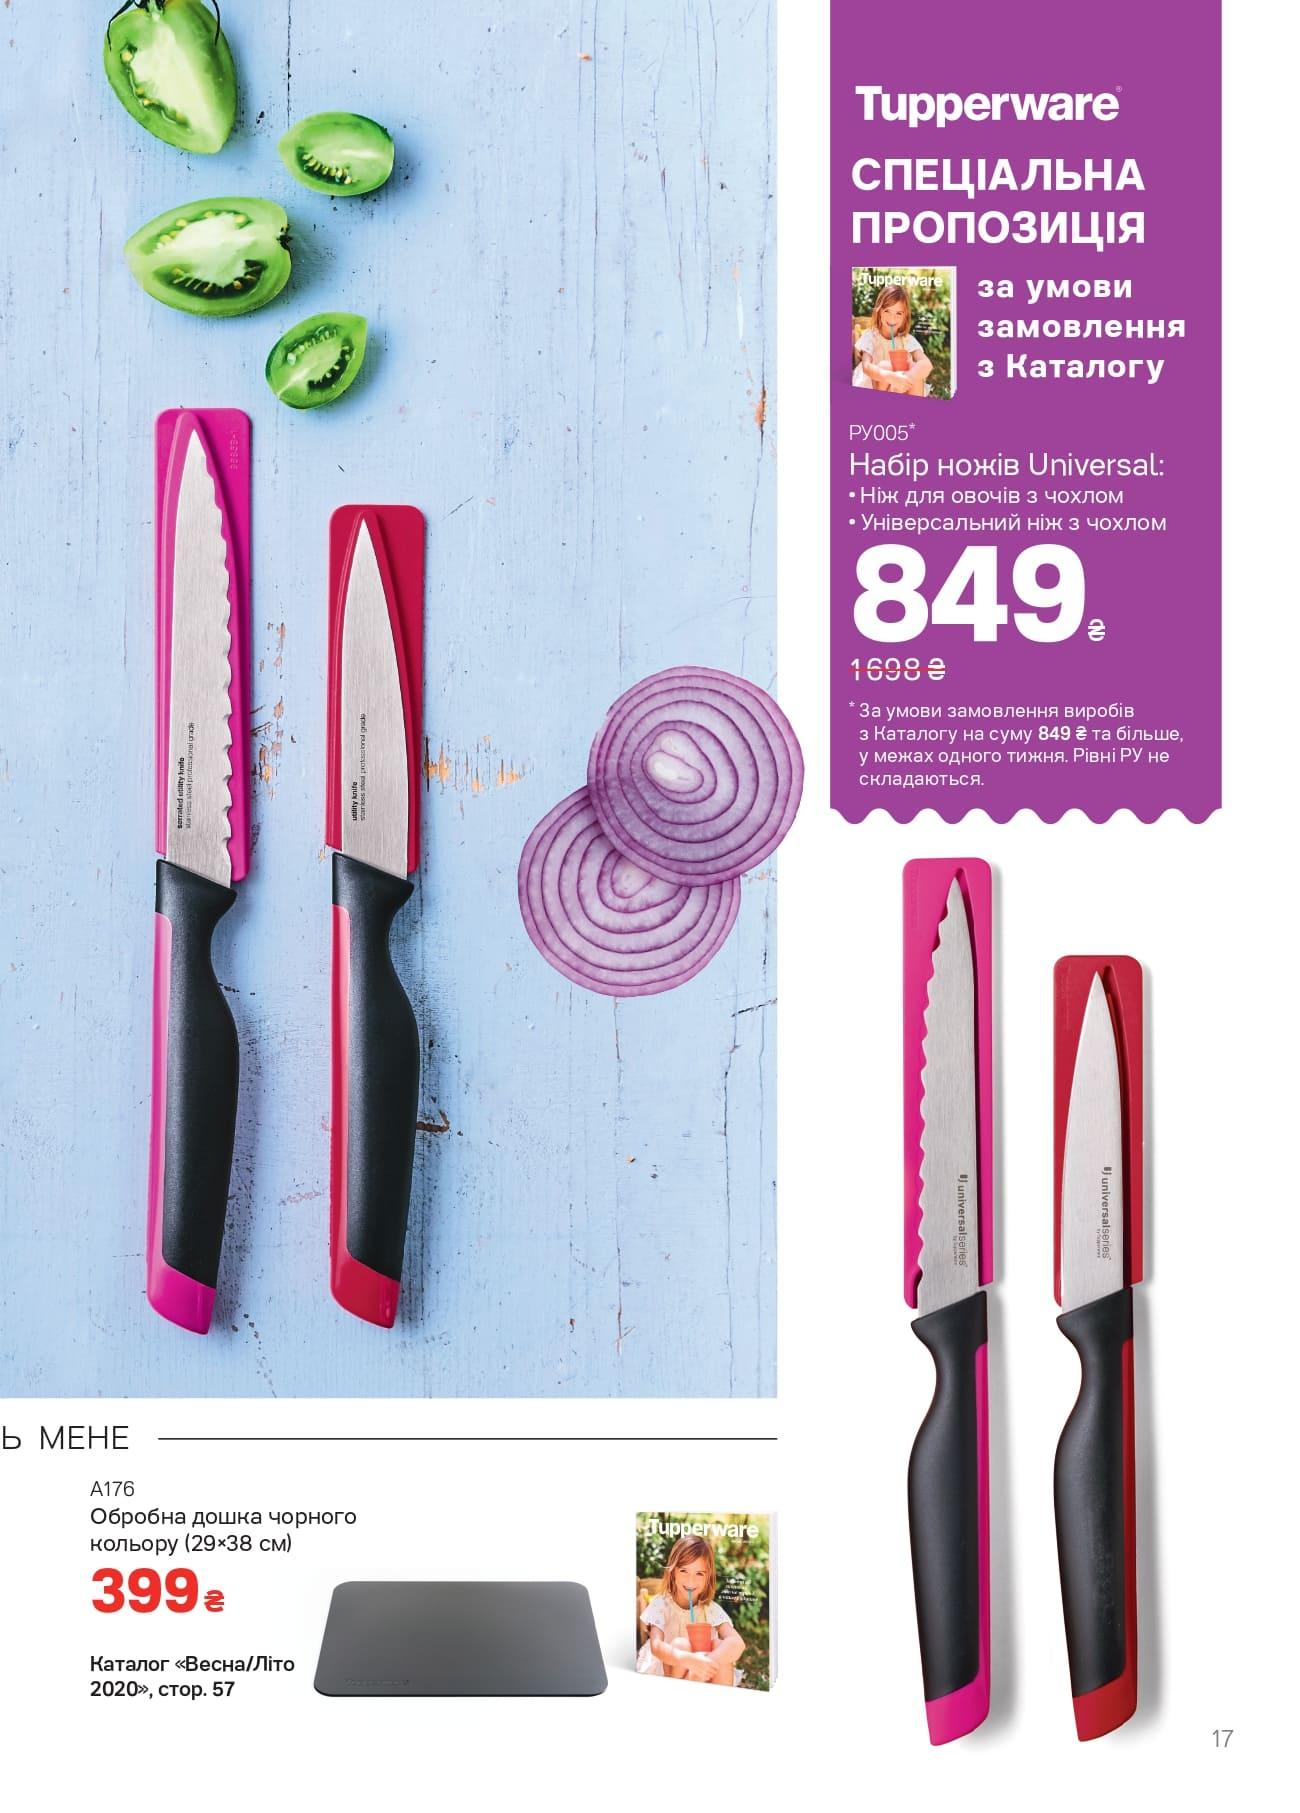 Набор: универсальный нож и нож для овощей Tupperware серии универсал.